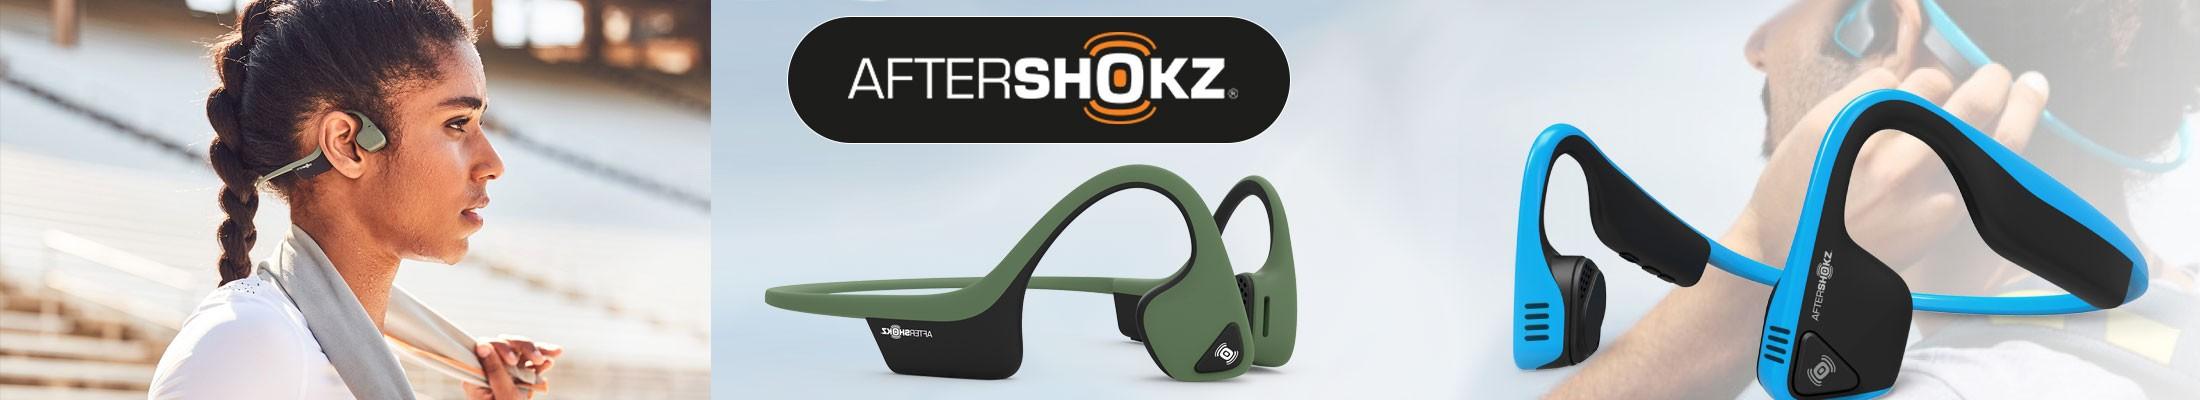 Découvrez nos casques audio bluetooth AFTERSHOKZ à conduction osseuse pour rester vigilent aux bruits ambiants et sans risquer d'abîmer vos tympans